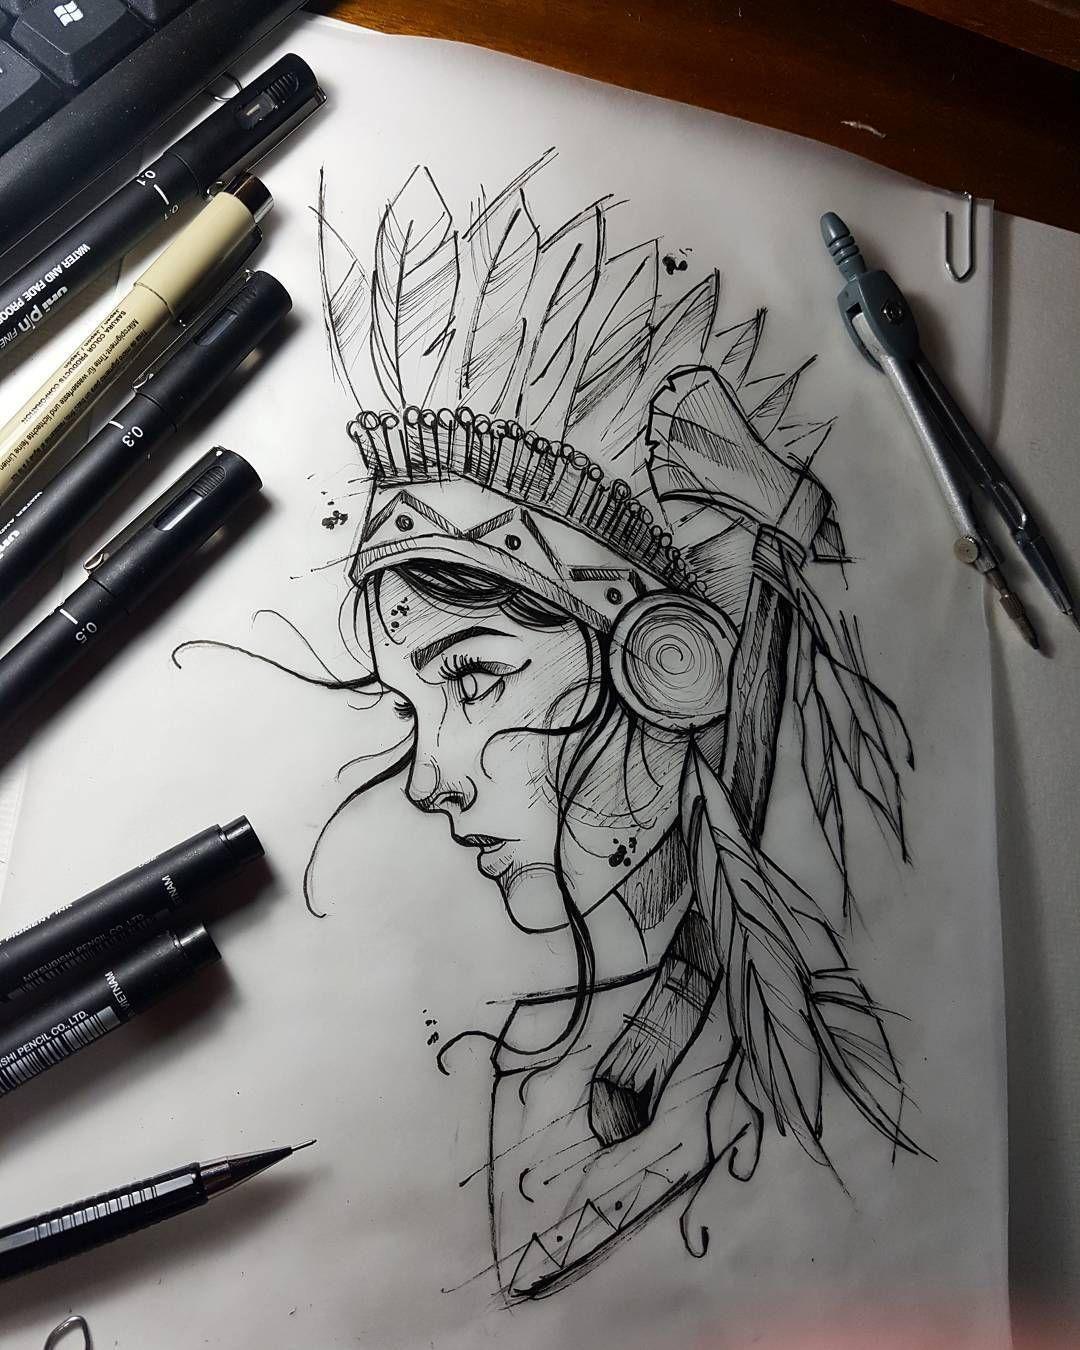 Encontre O Tatuador E A Inspiracao Perfeita Para Fazer Sua Tattoo